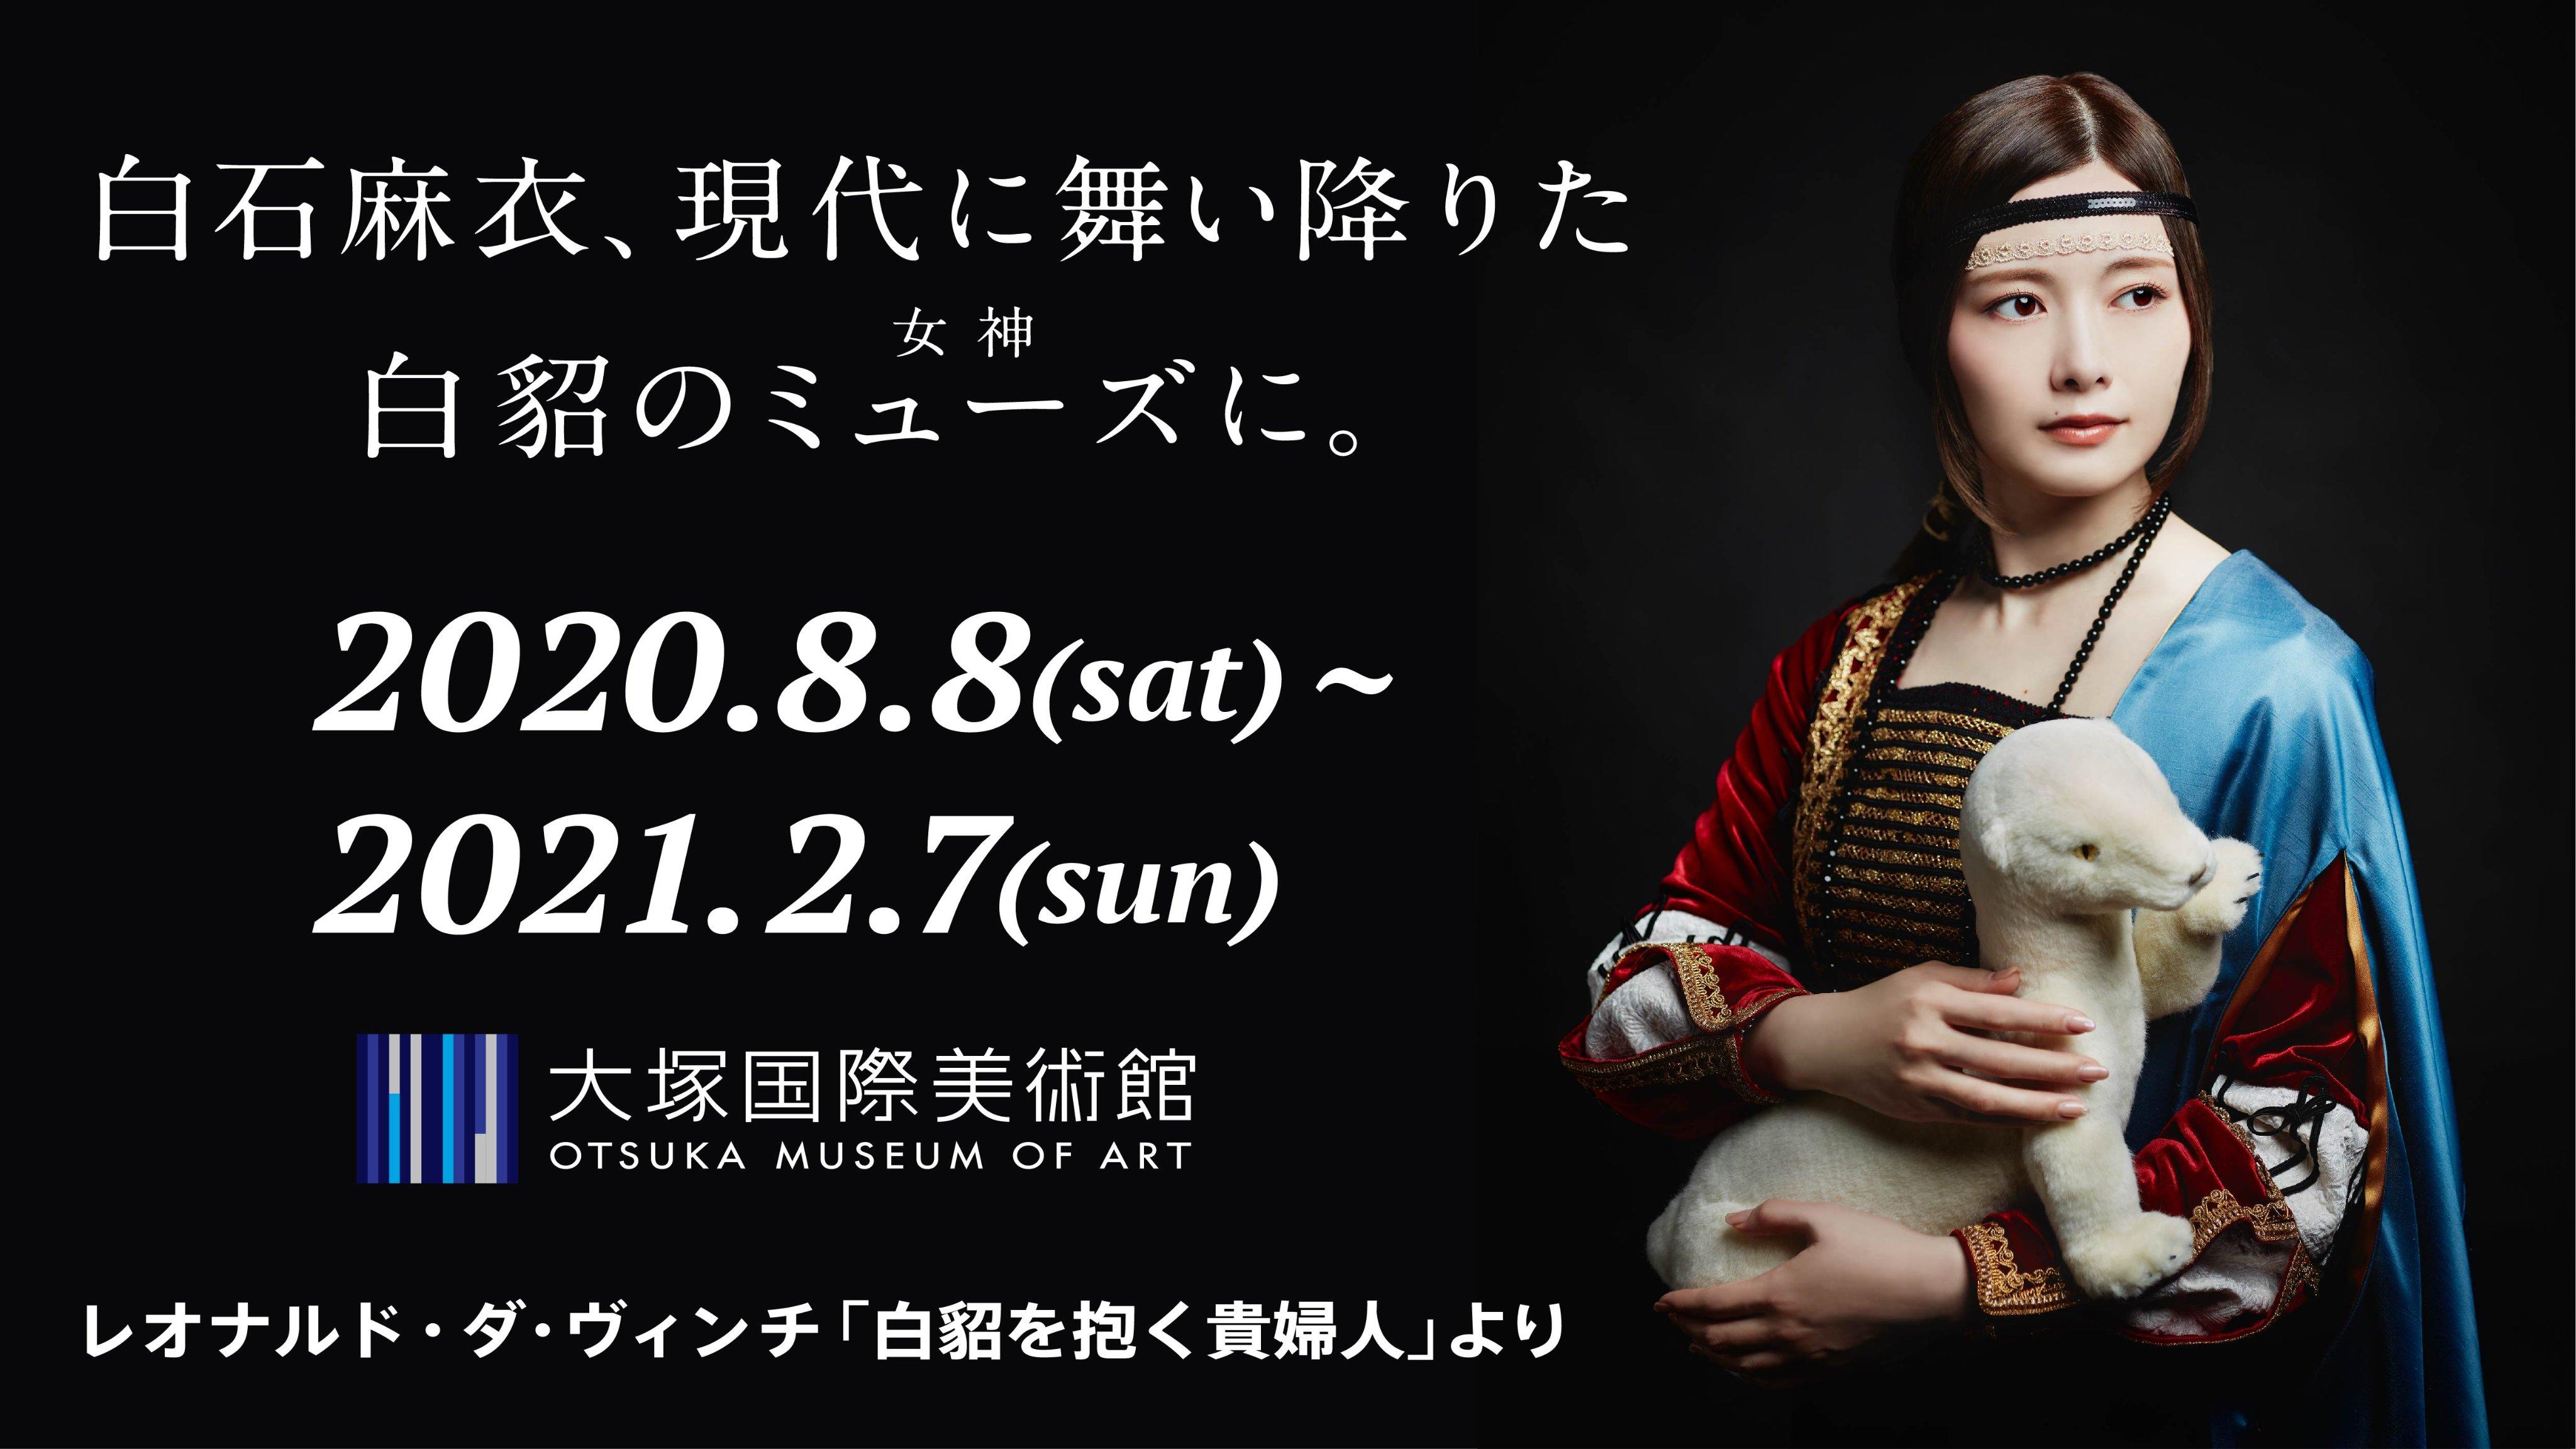 https://o-museum.or.jp/publics/index/861/